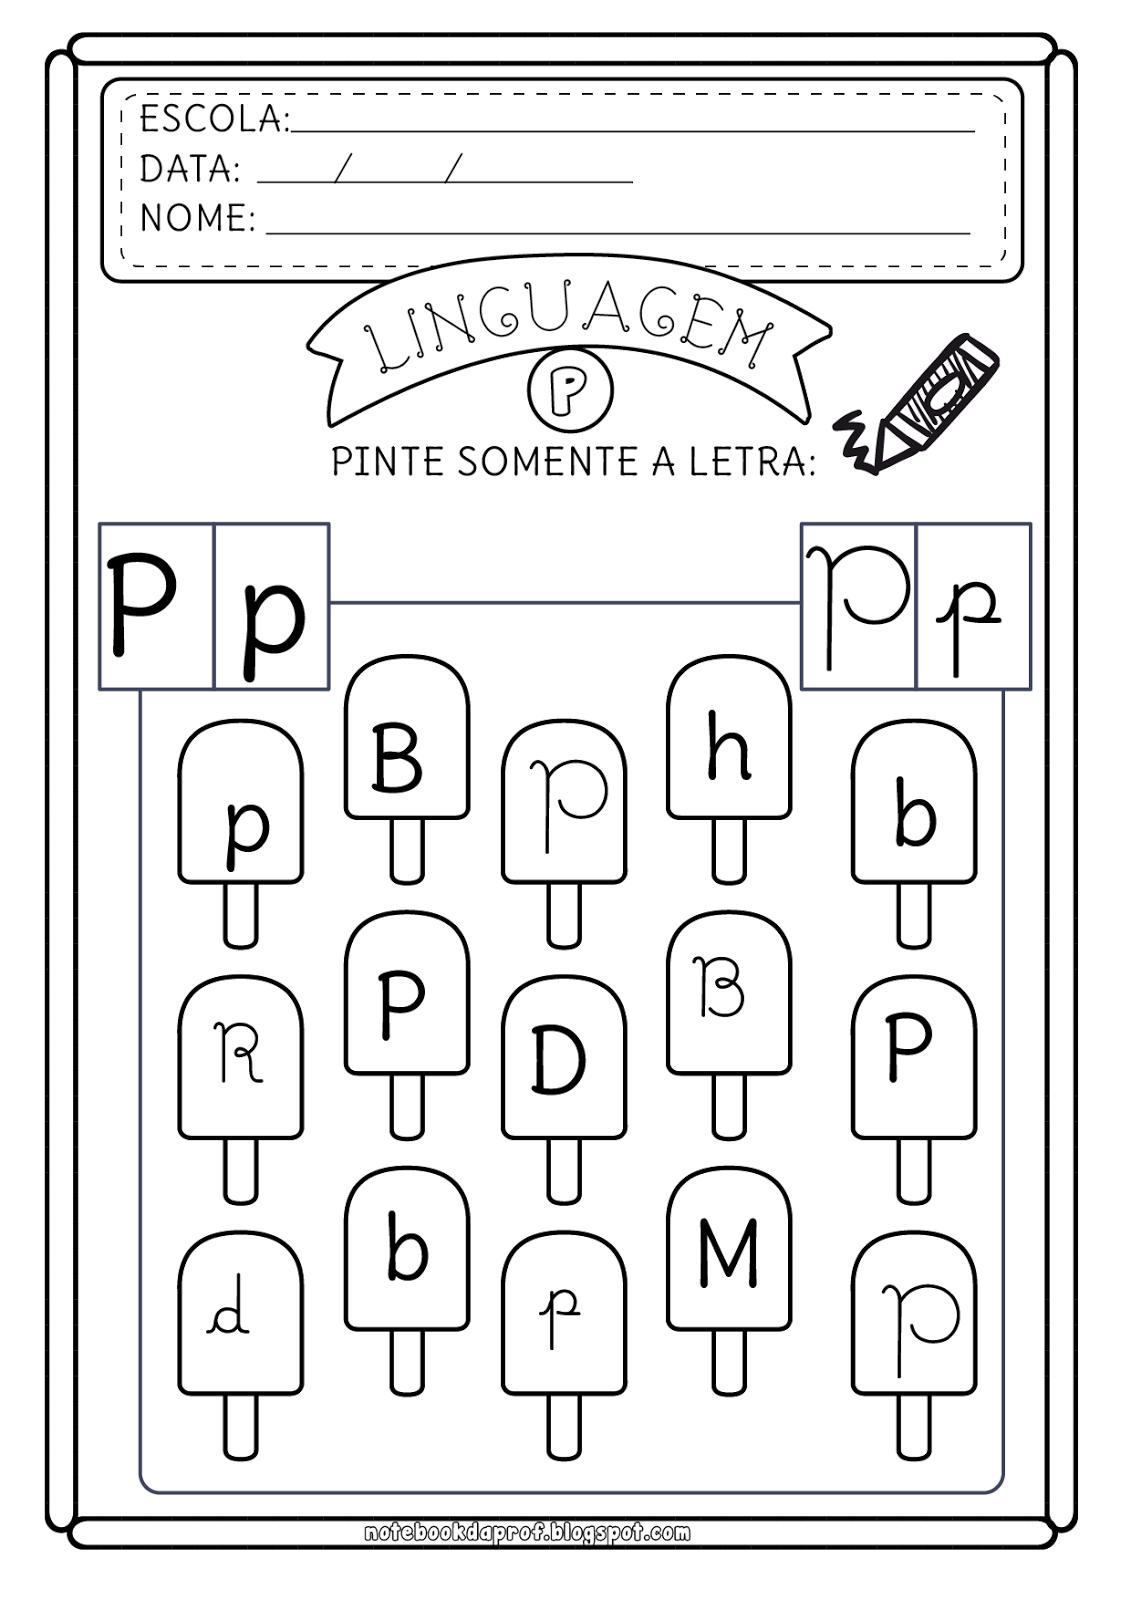 Notebook Da Profa Atividades Letra P